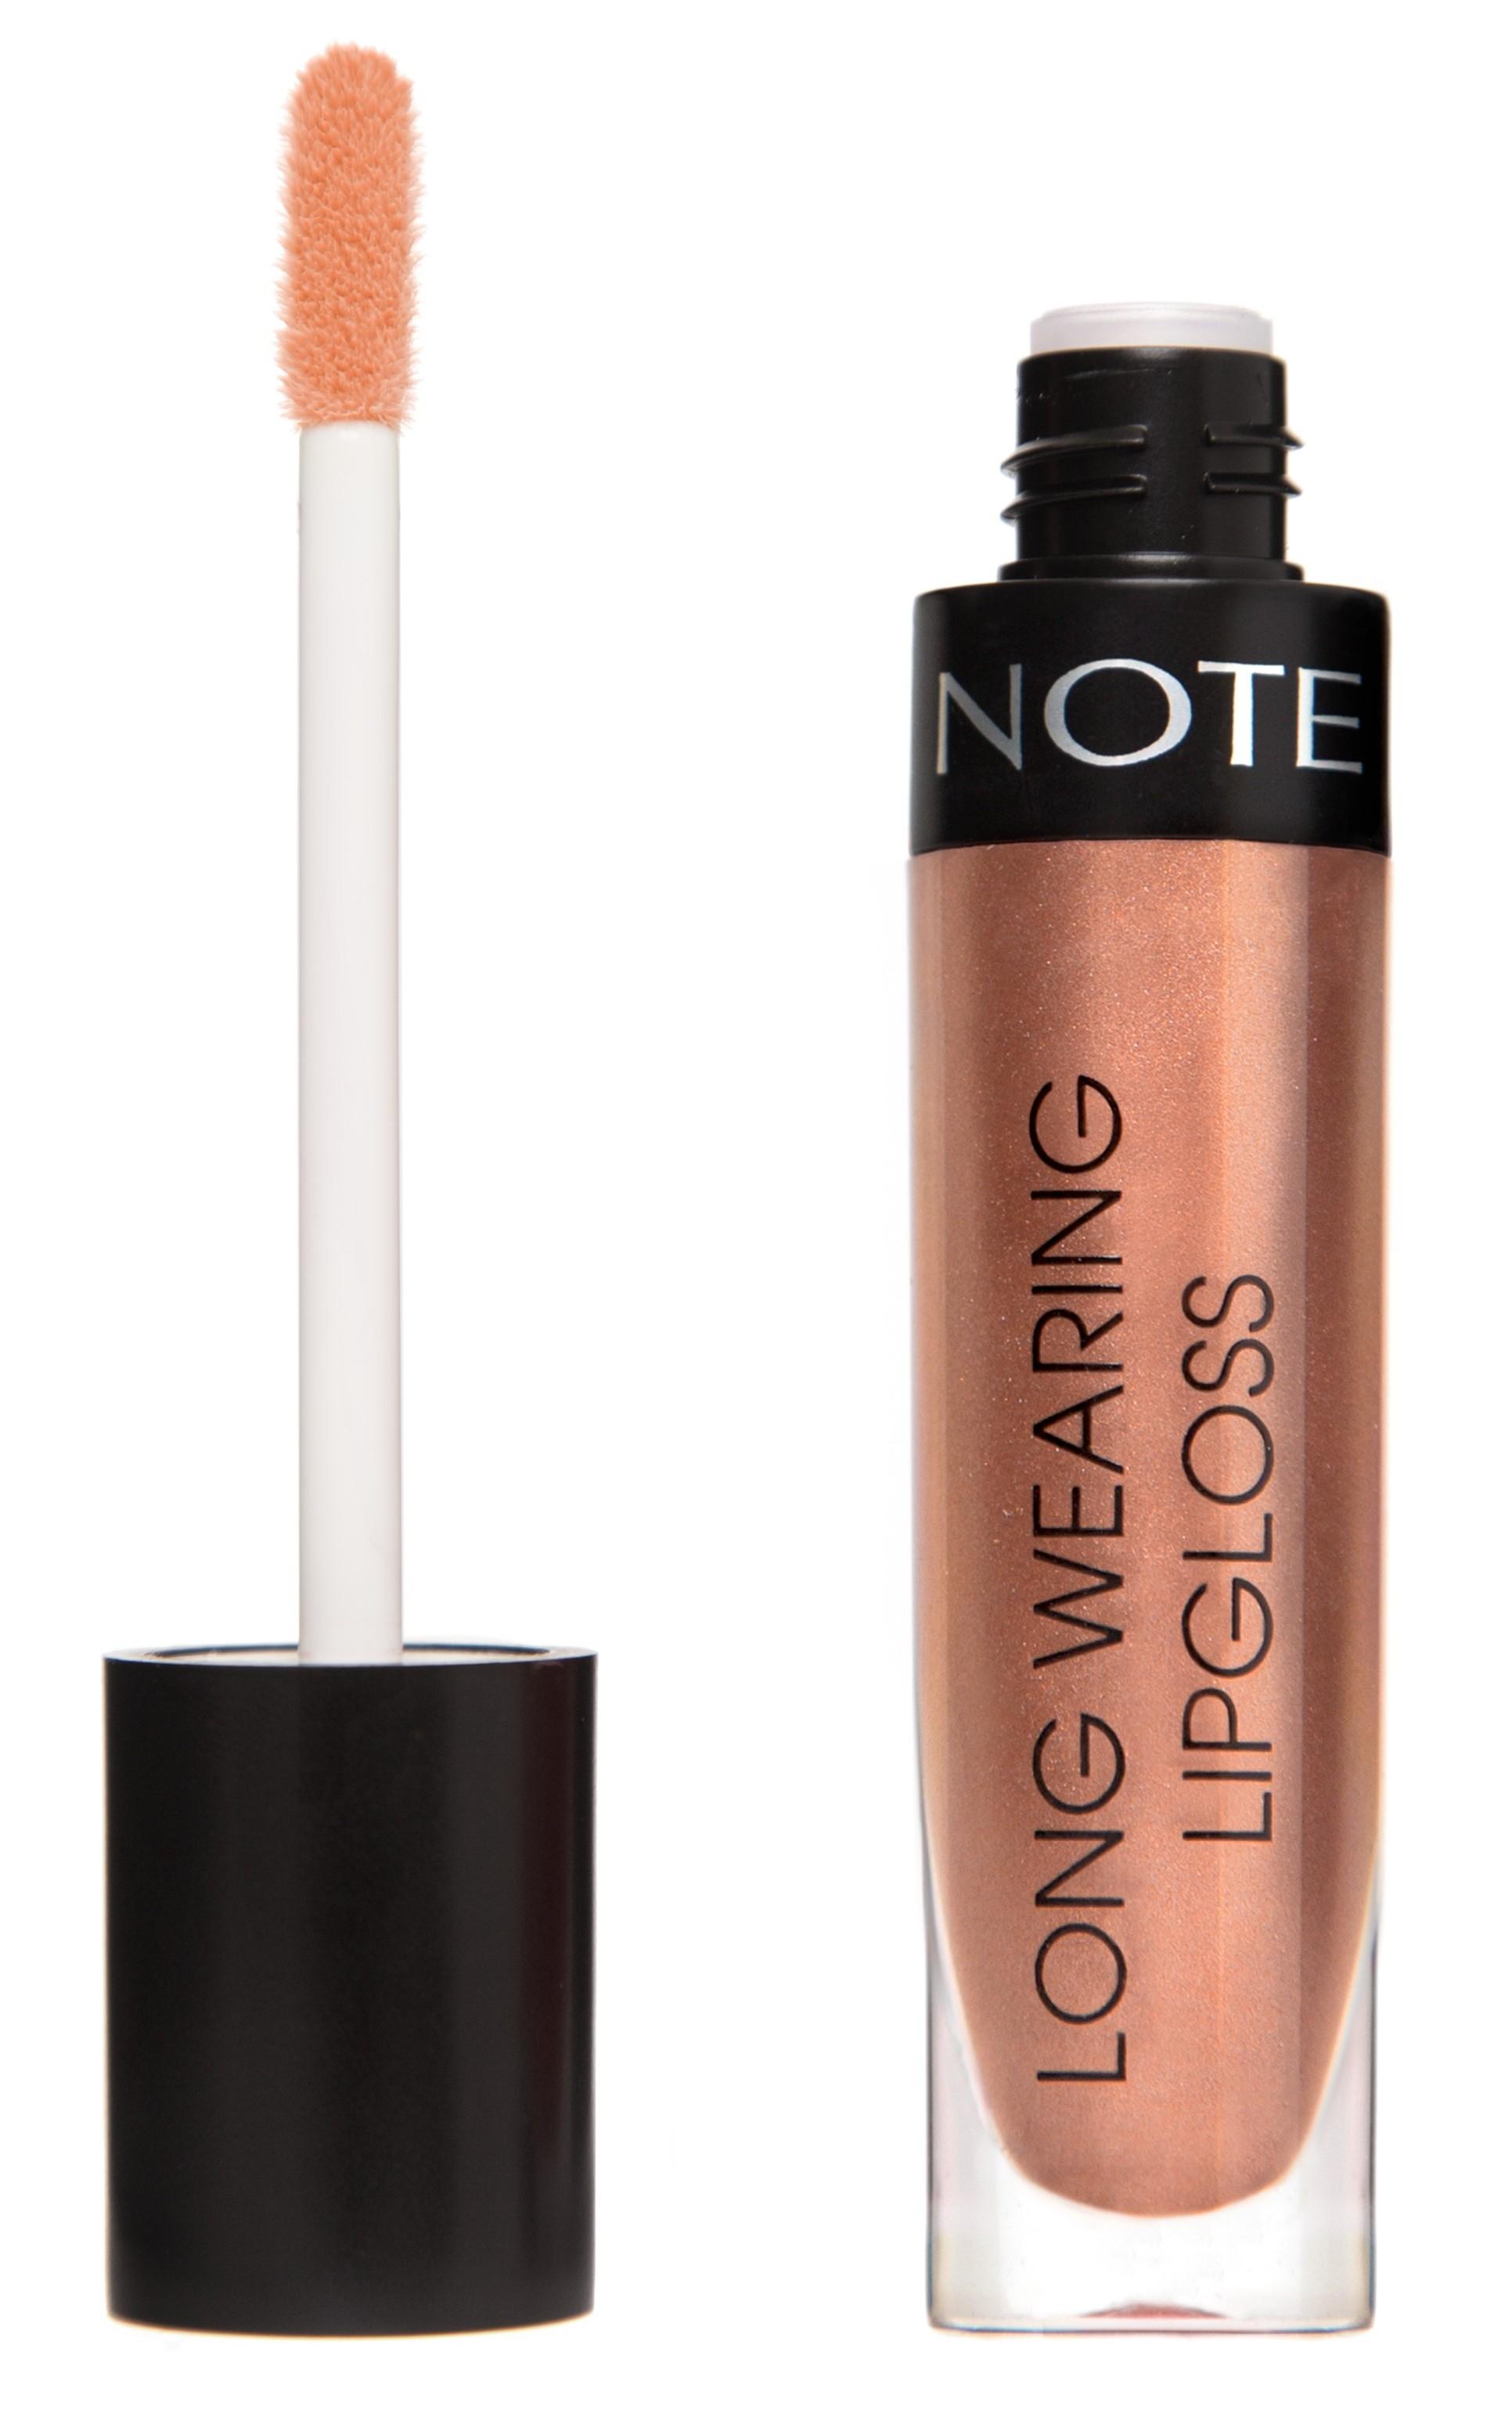 NOTE Cosmetics Блеск стойкий для губ 22 / LONG WEARING LIPGLOSS 6 мл  - Купить